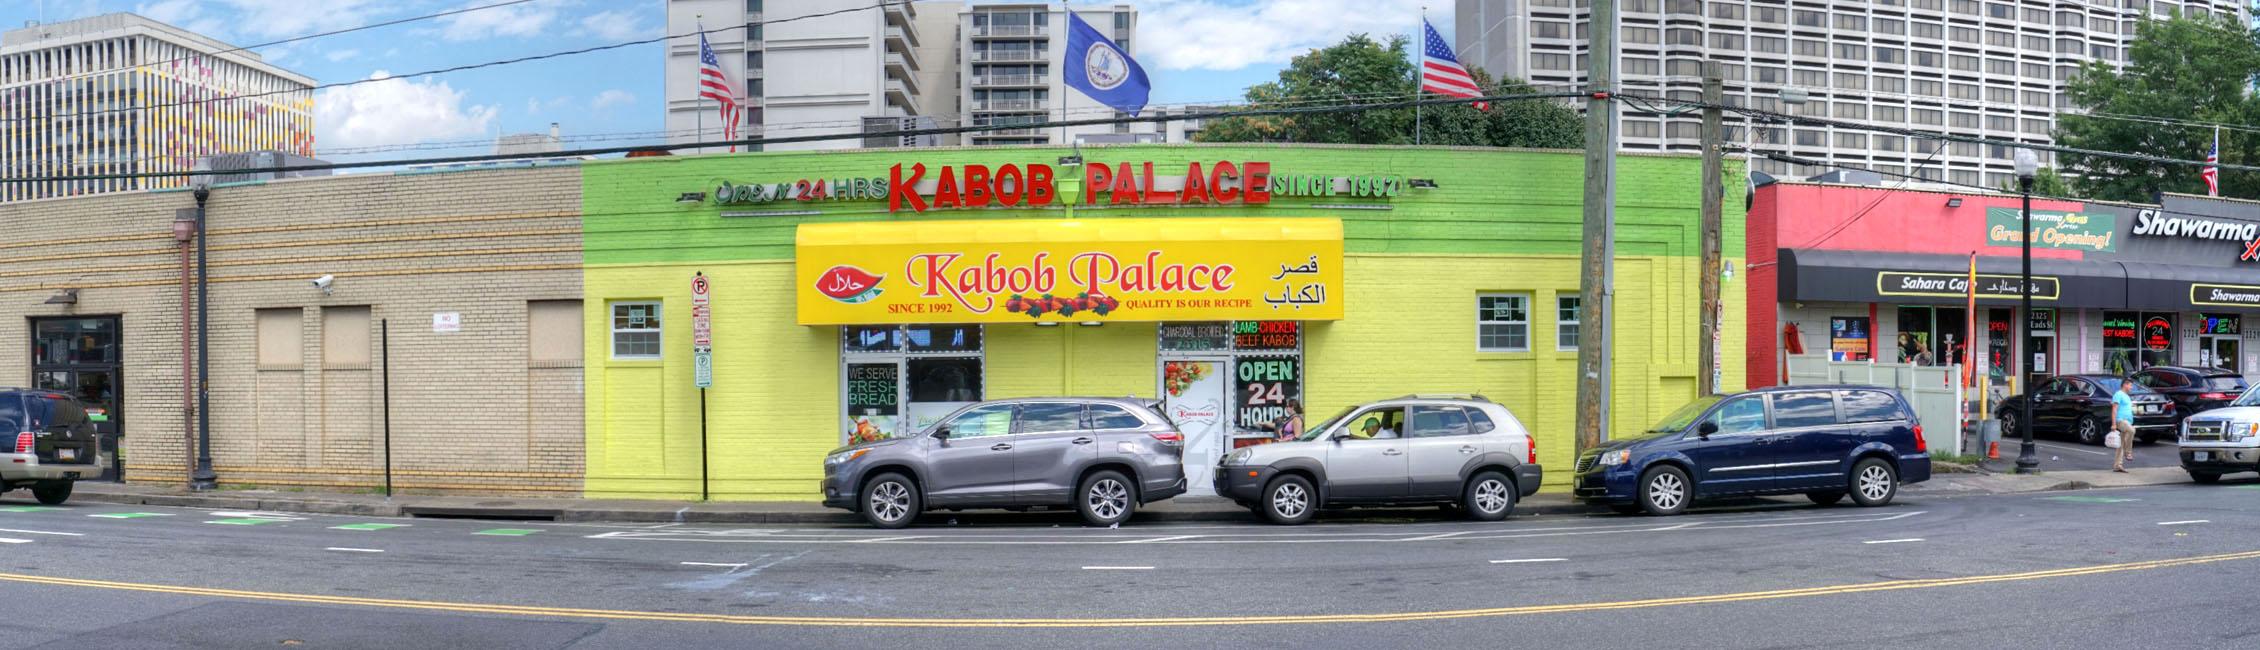 Kabob Palace Exterior